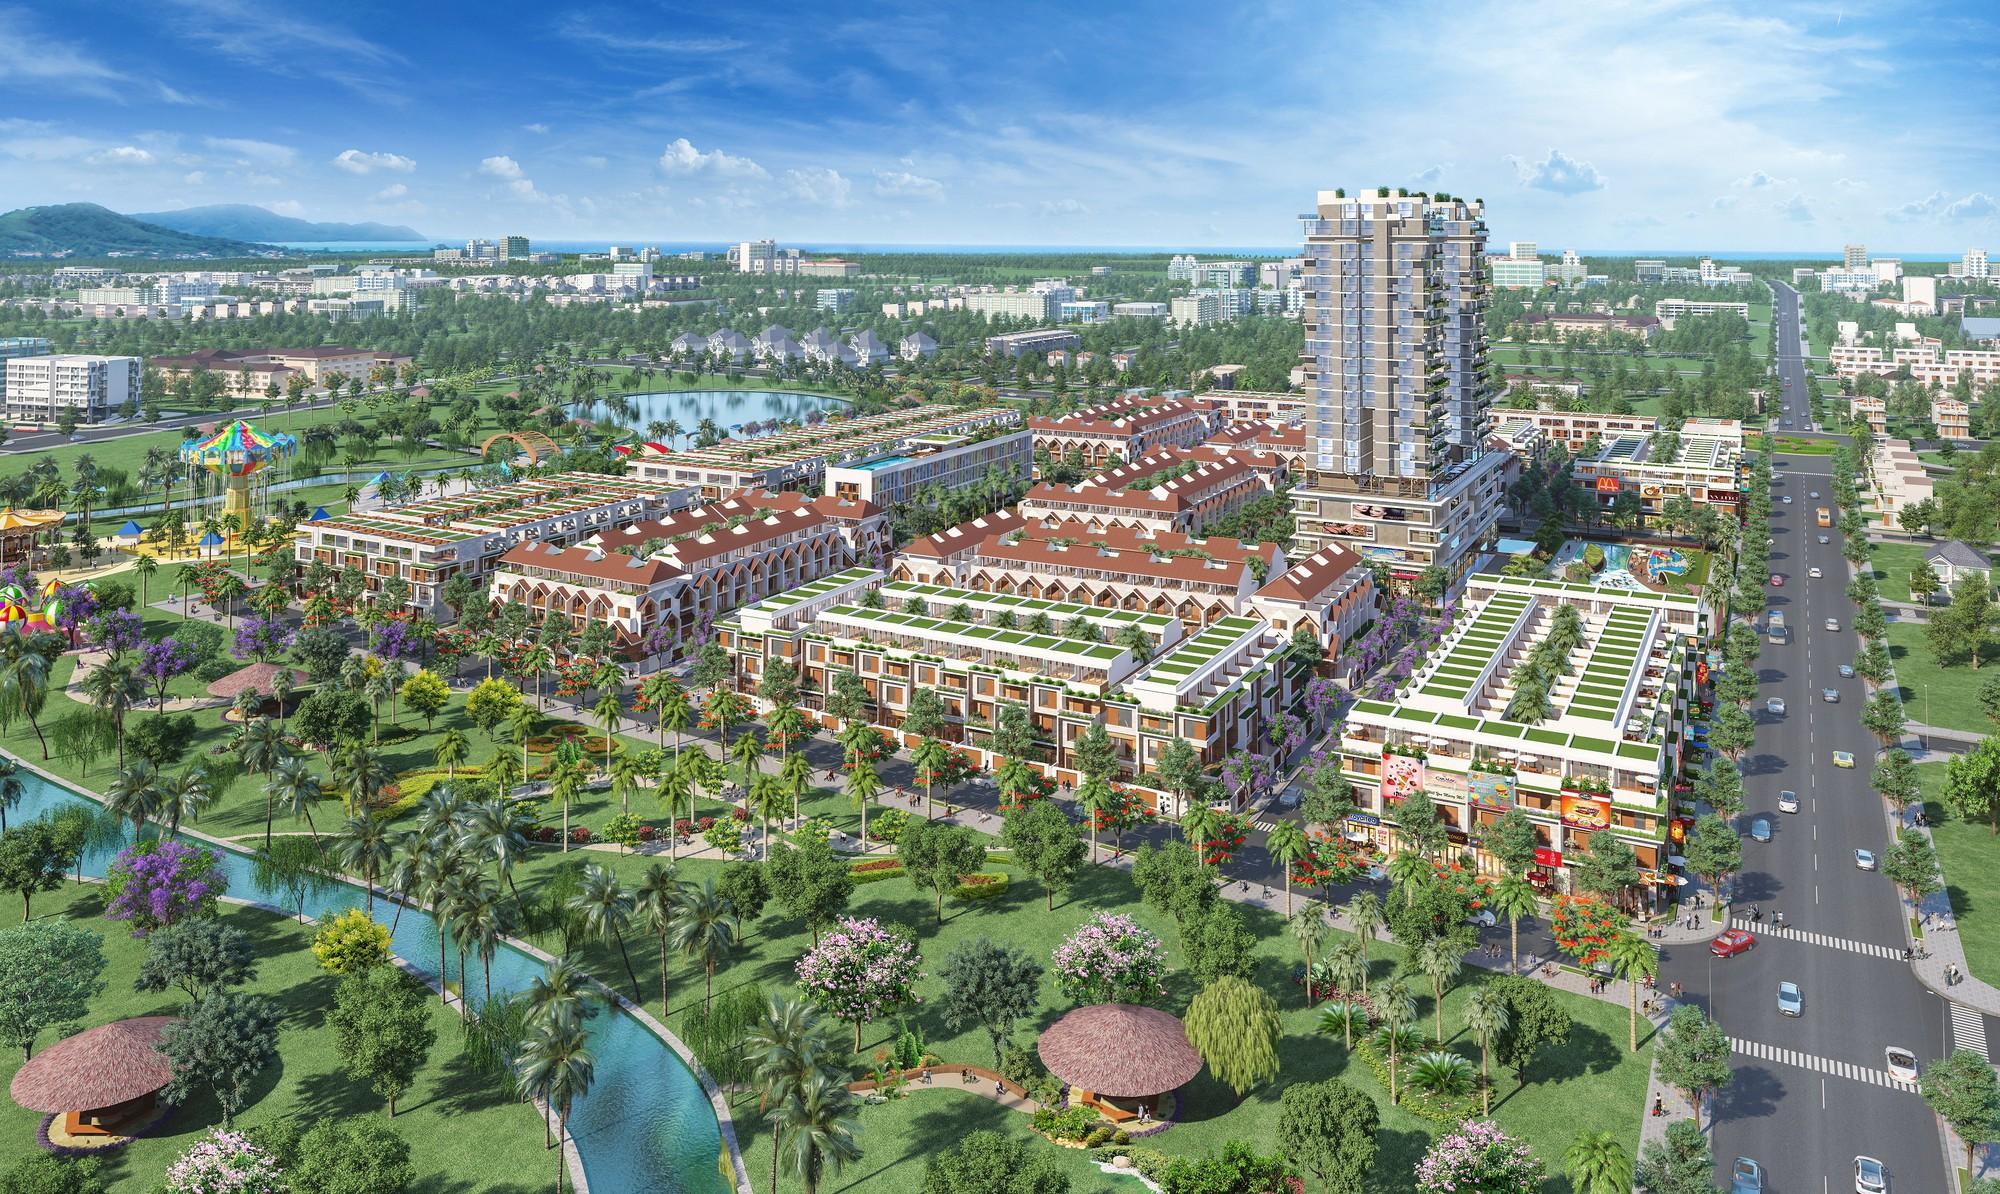 Cơ hội lớn với bất động sản Bà Rịa - Vũng Tàu | VnMoney